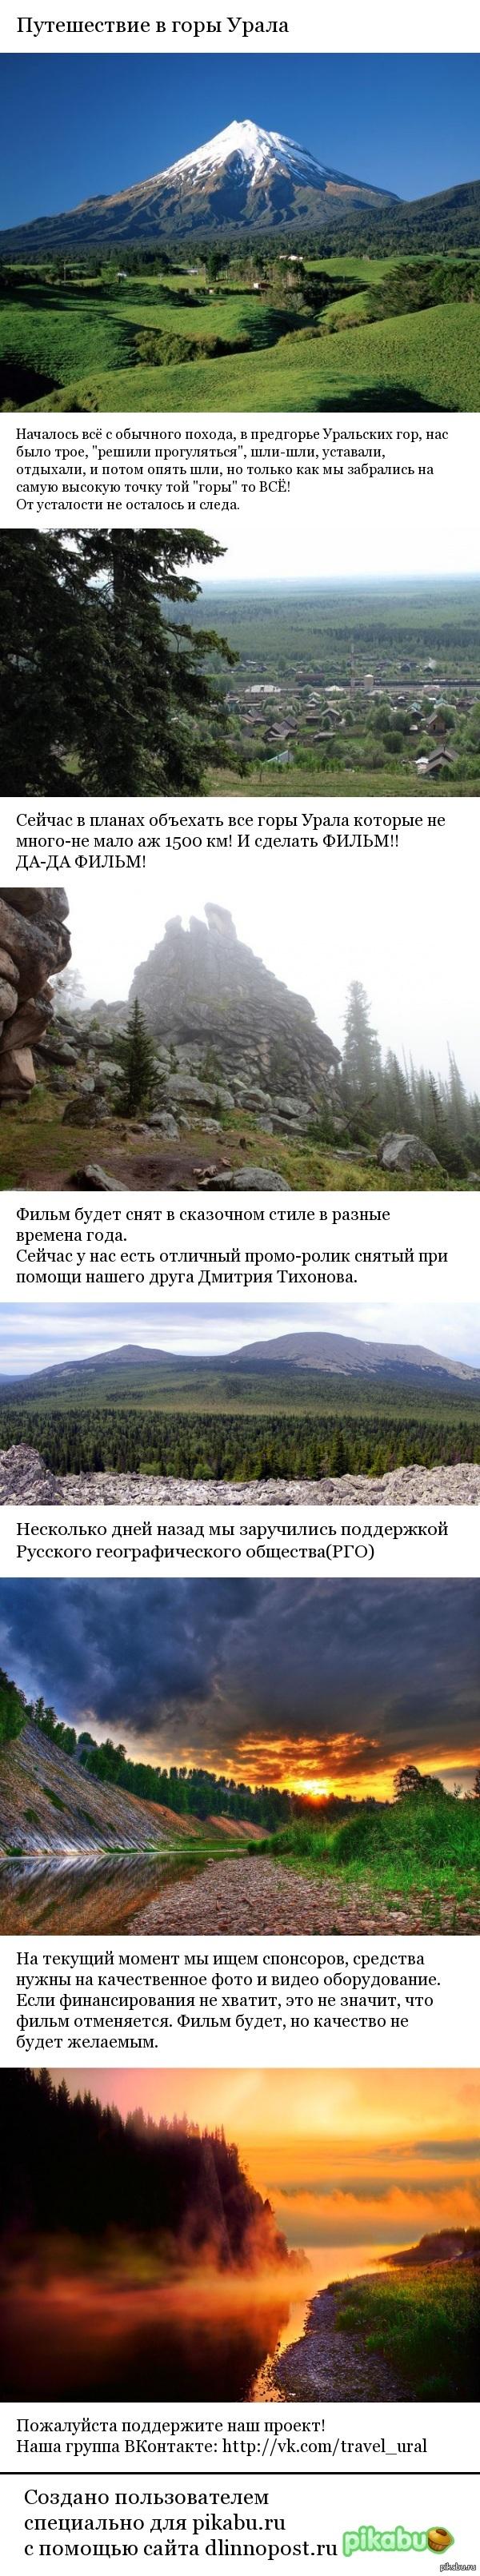 Путешествие в горы Урала! Идеальное Кино! Или как Кино снимать будем!